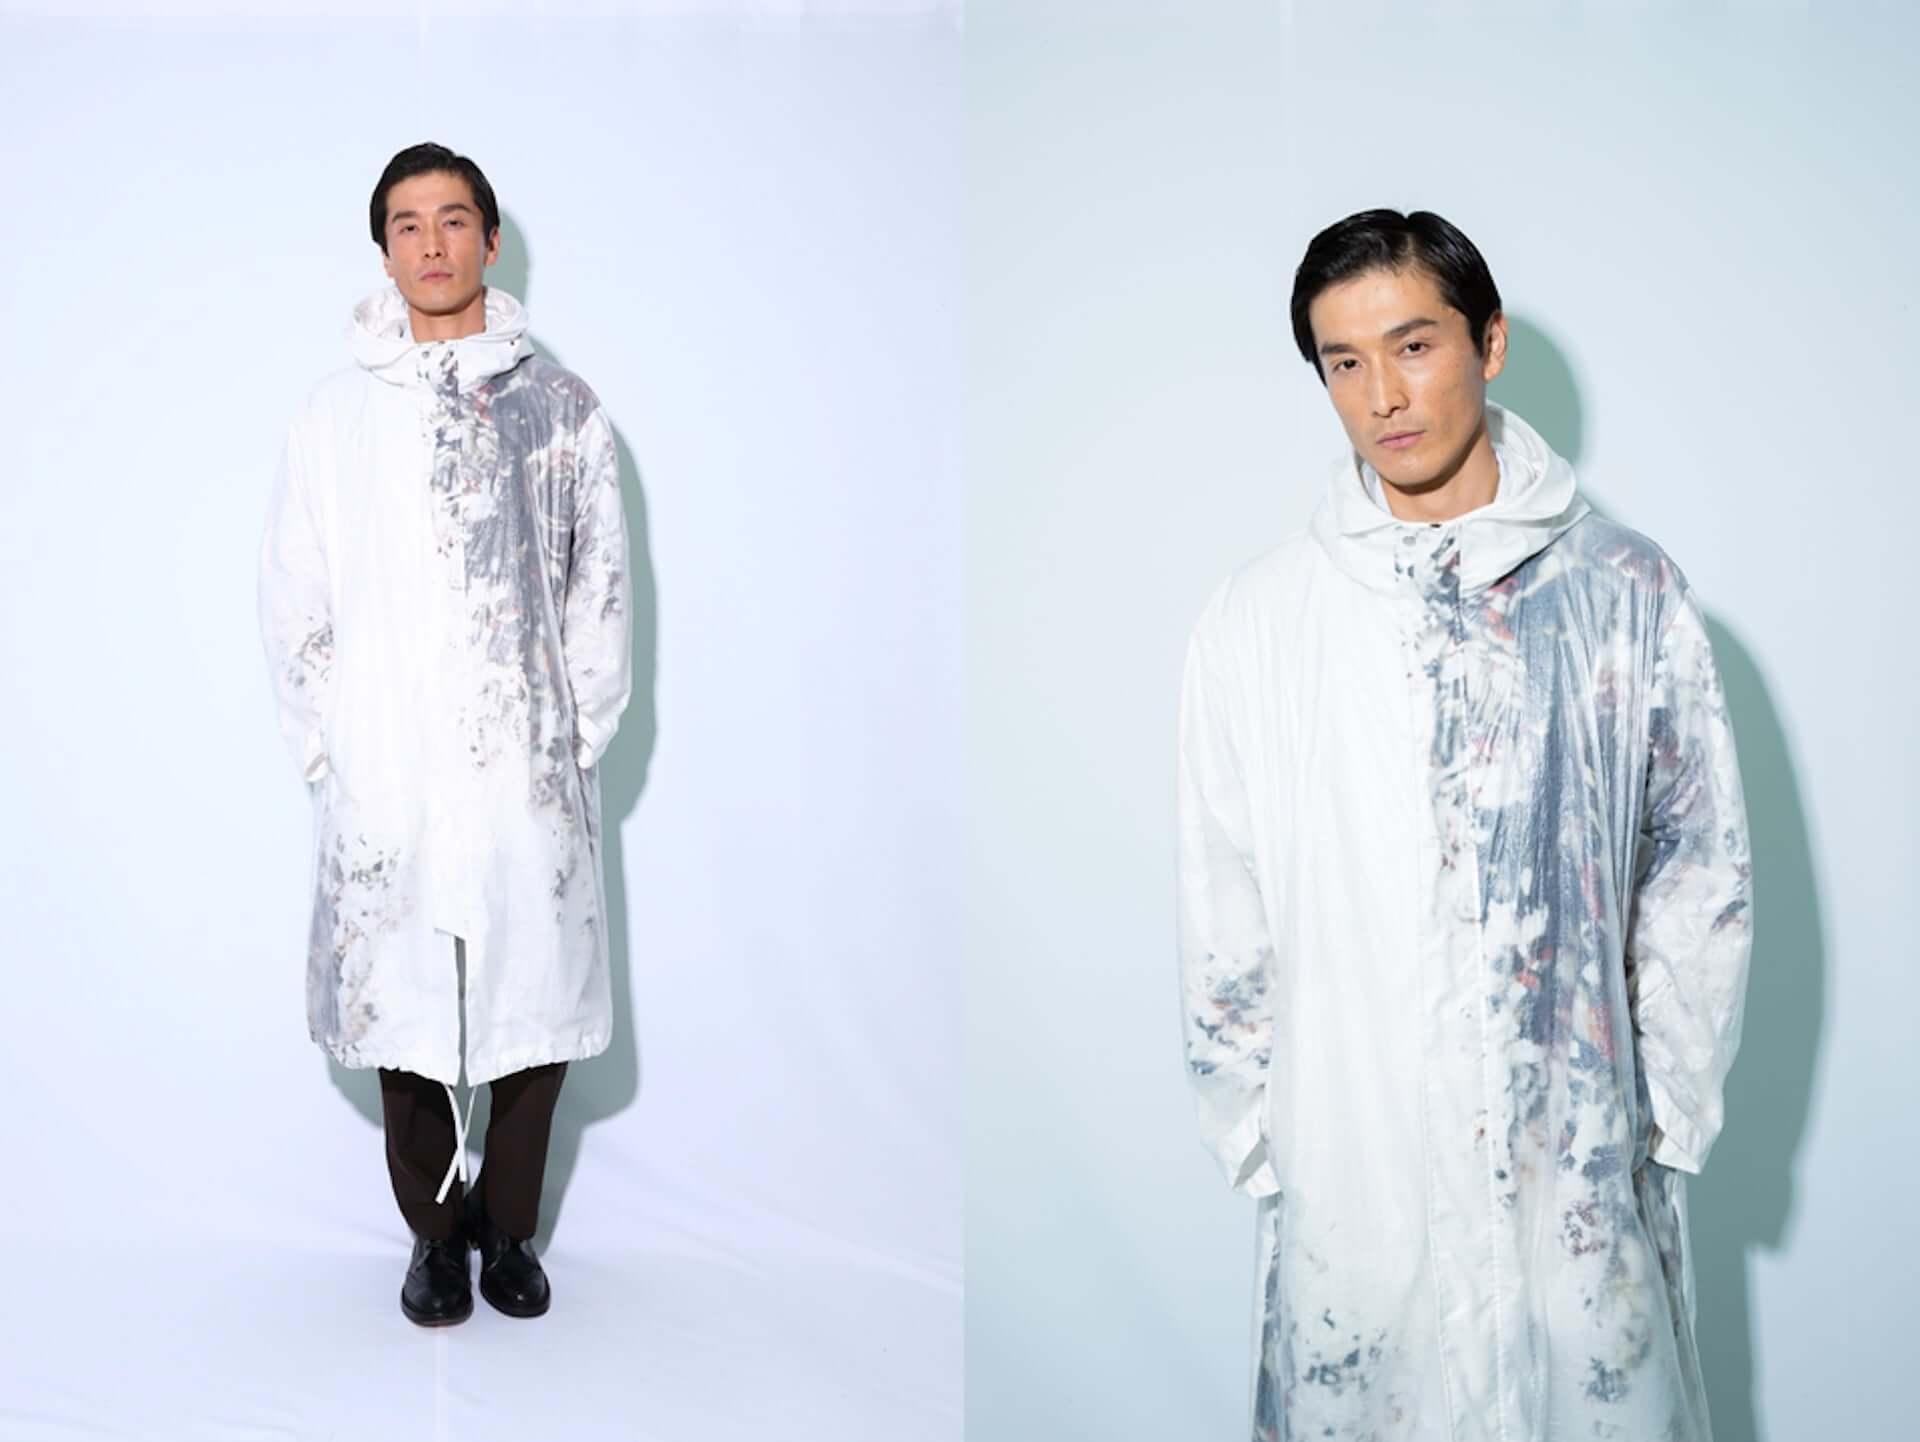 Yohji Yamamoto出身デザイナーを迎えたD-VECの新コレクション第1弾が発売!「GORE-TEX INFINIUM」搭載のブルゾンなど全5型 lf210215_d-vec_1-1920x1442